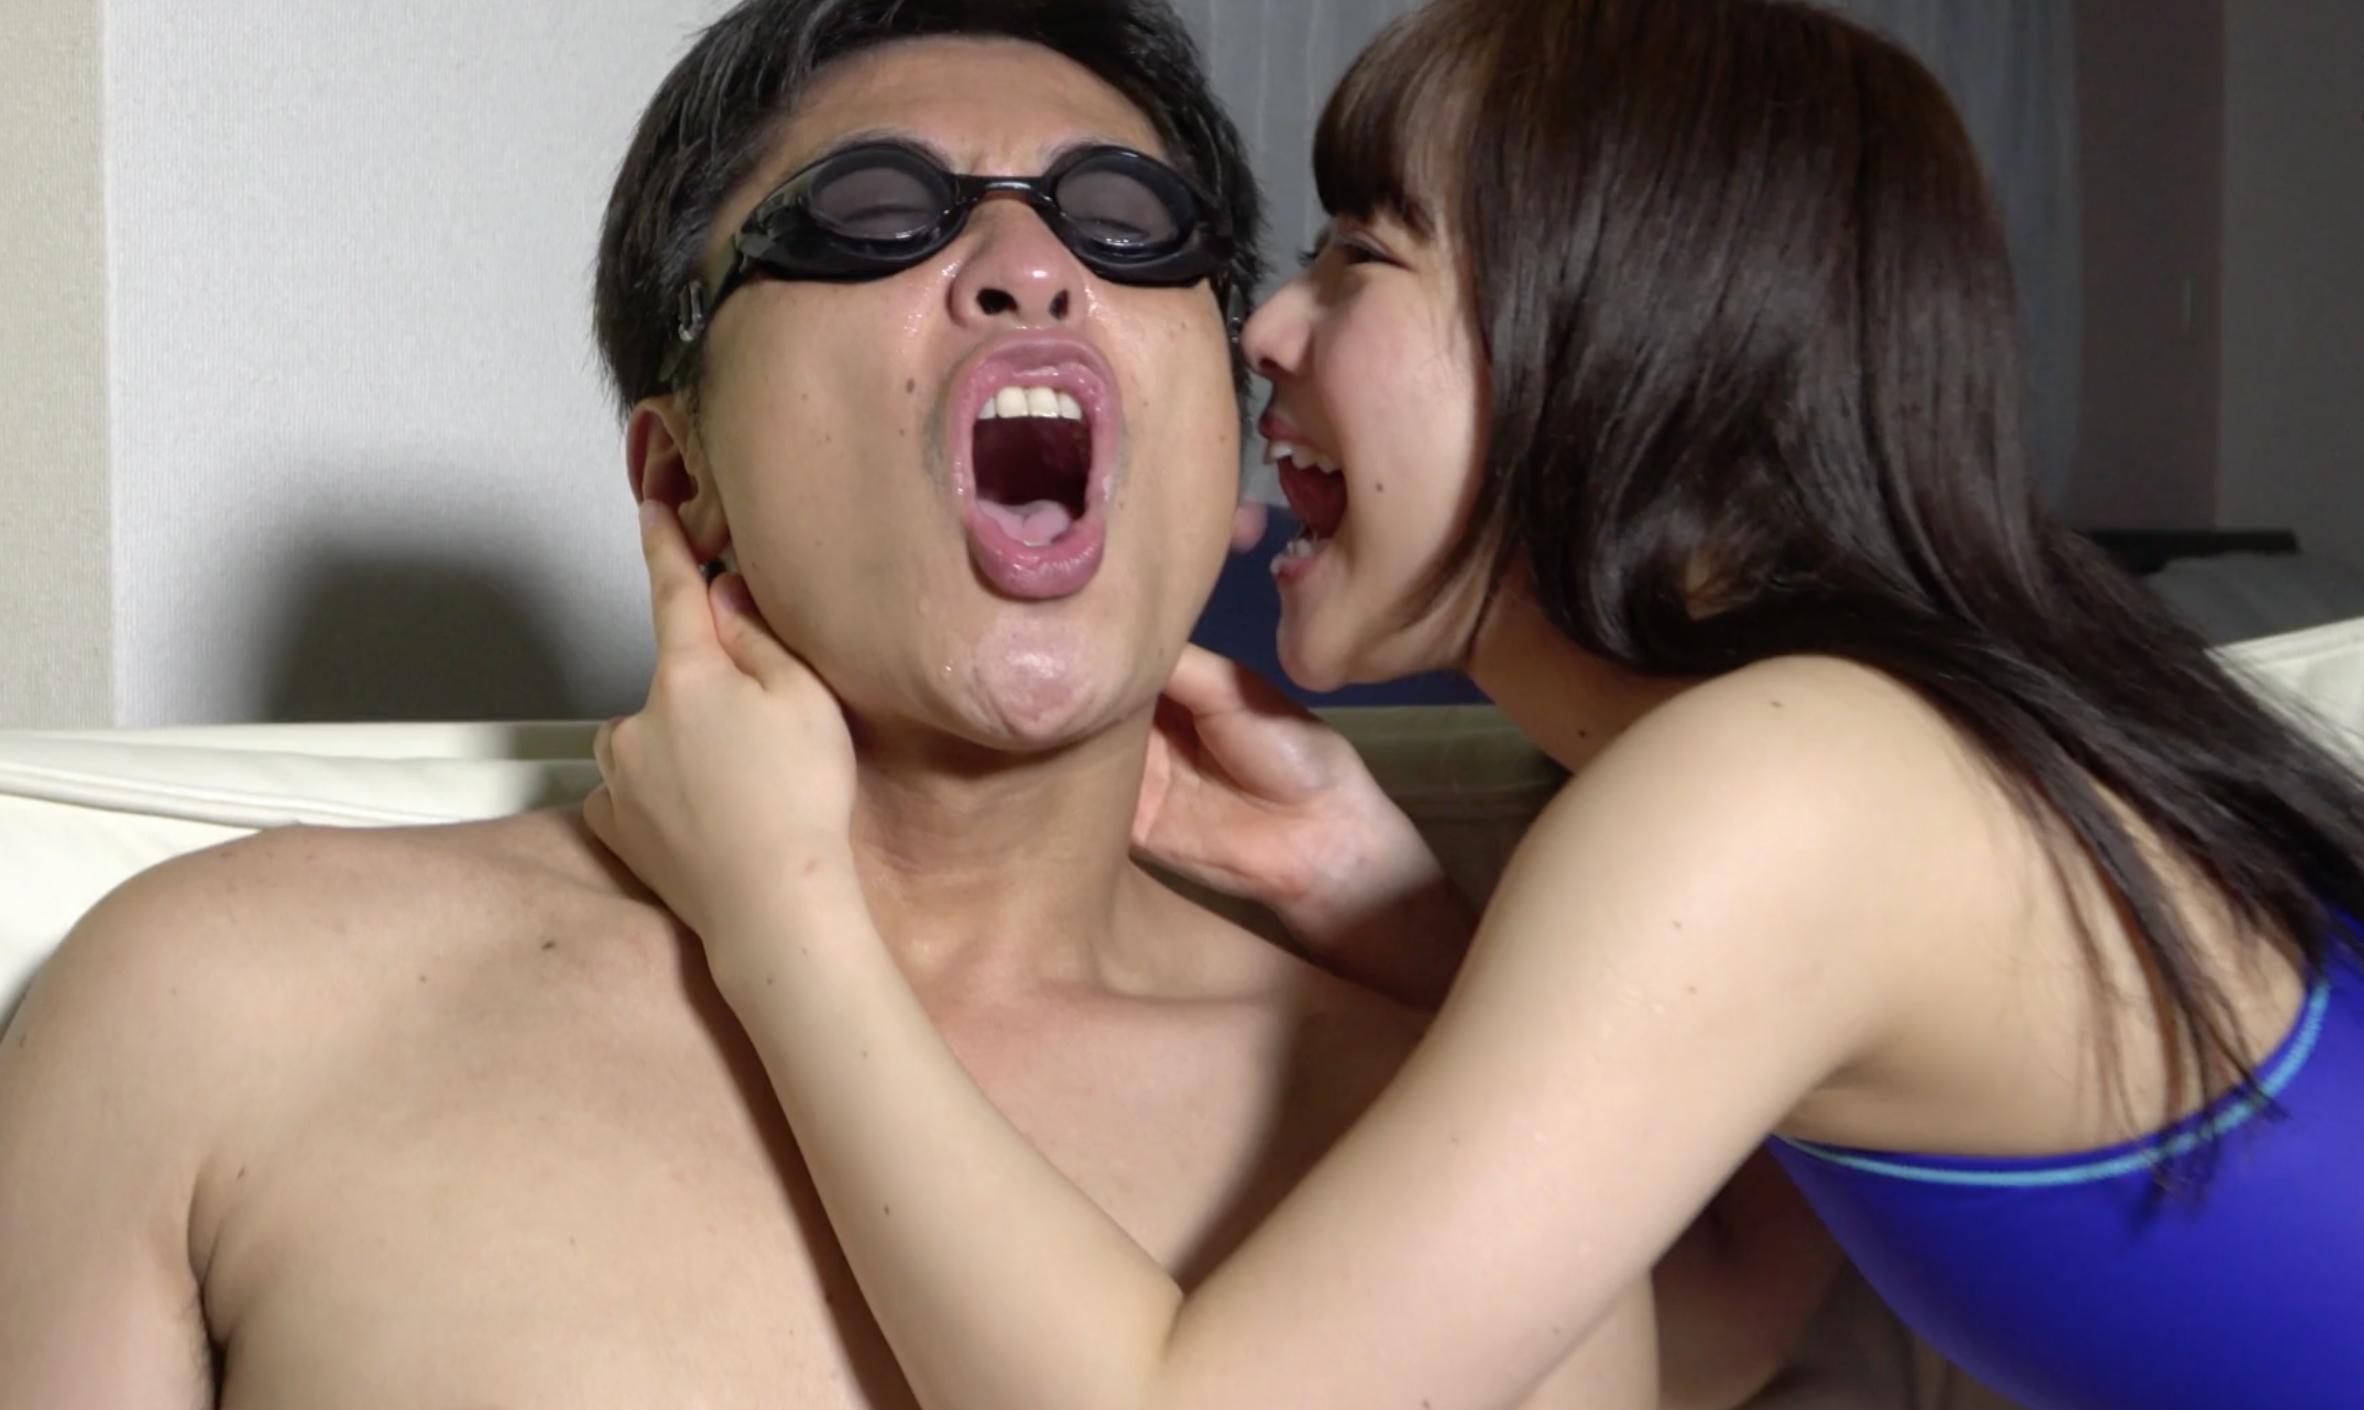 【唾&舌ベロ】大人気女優 宮沢ちはるチャンの大量唾たらしで顔・耳・乳首舐め!!!